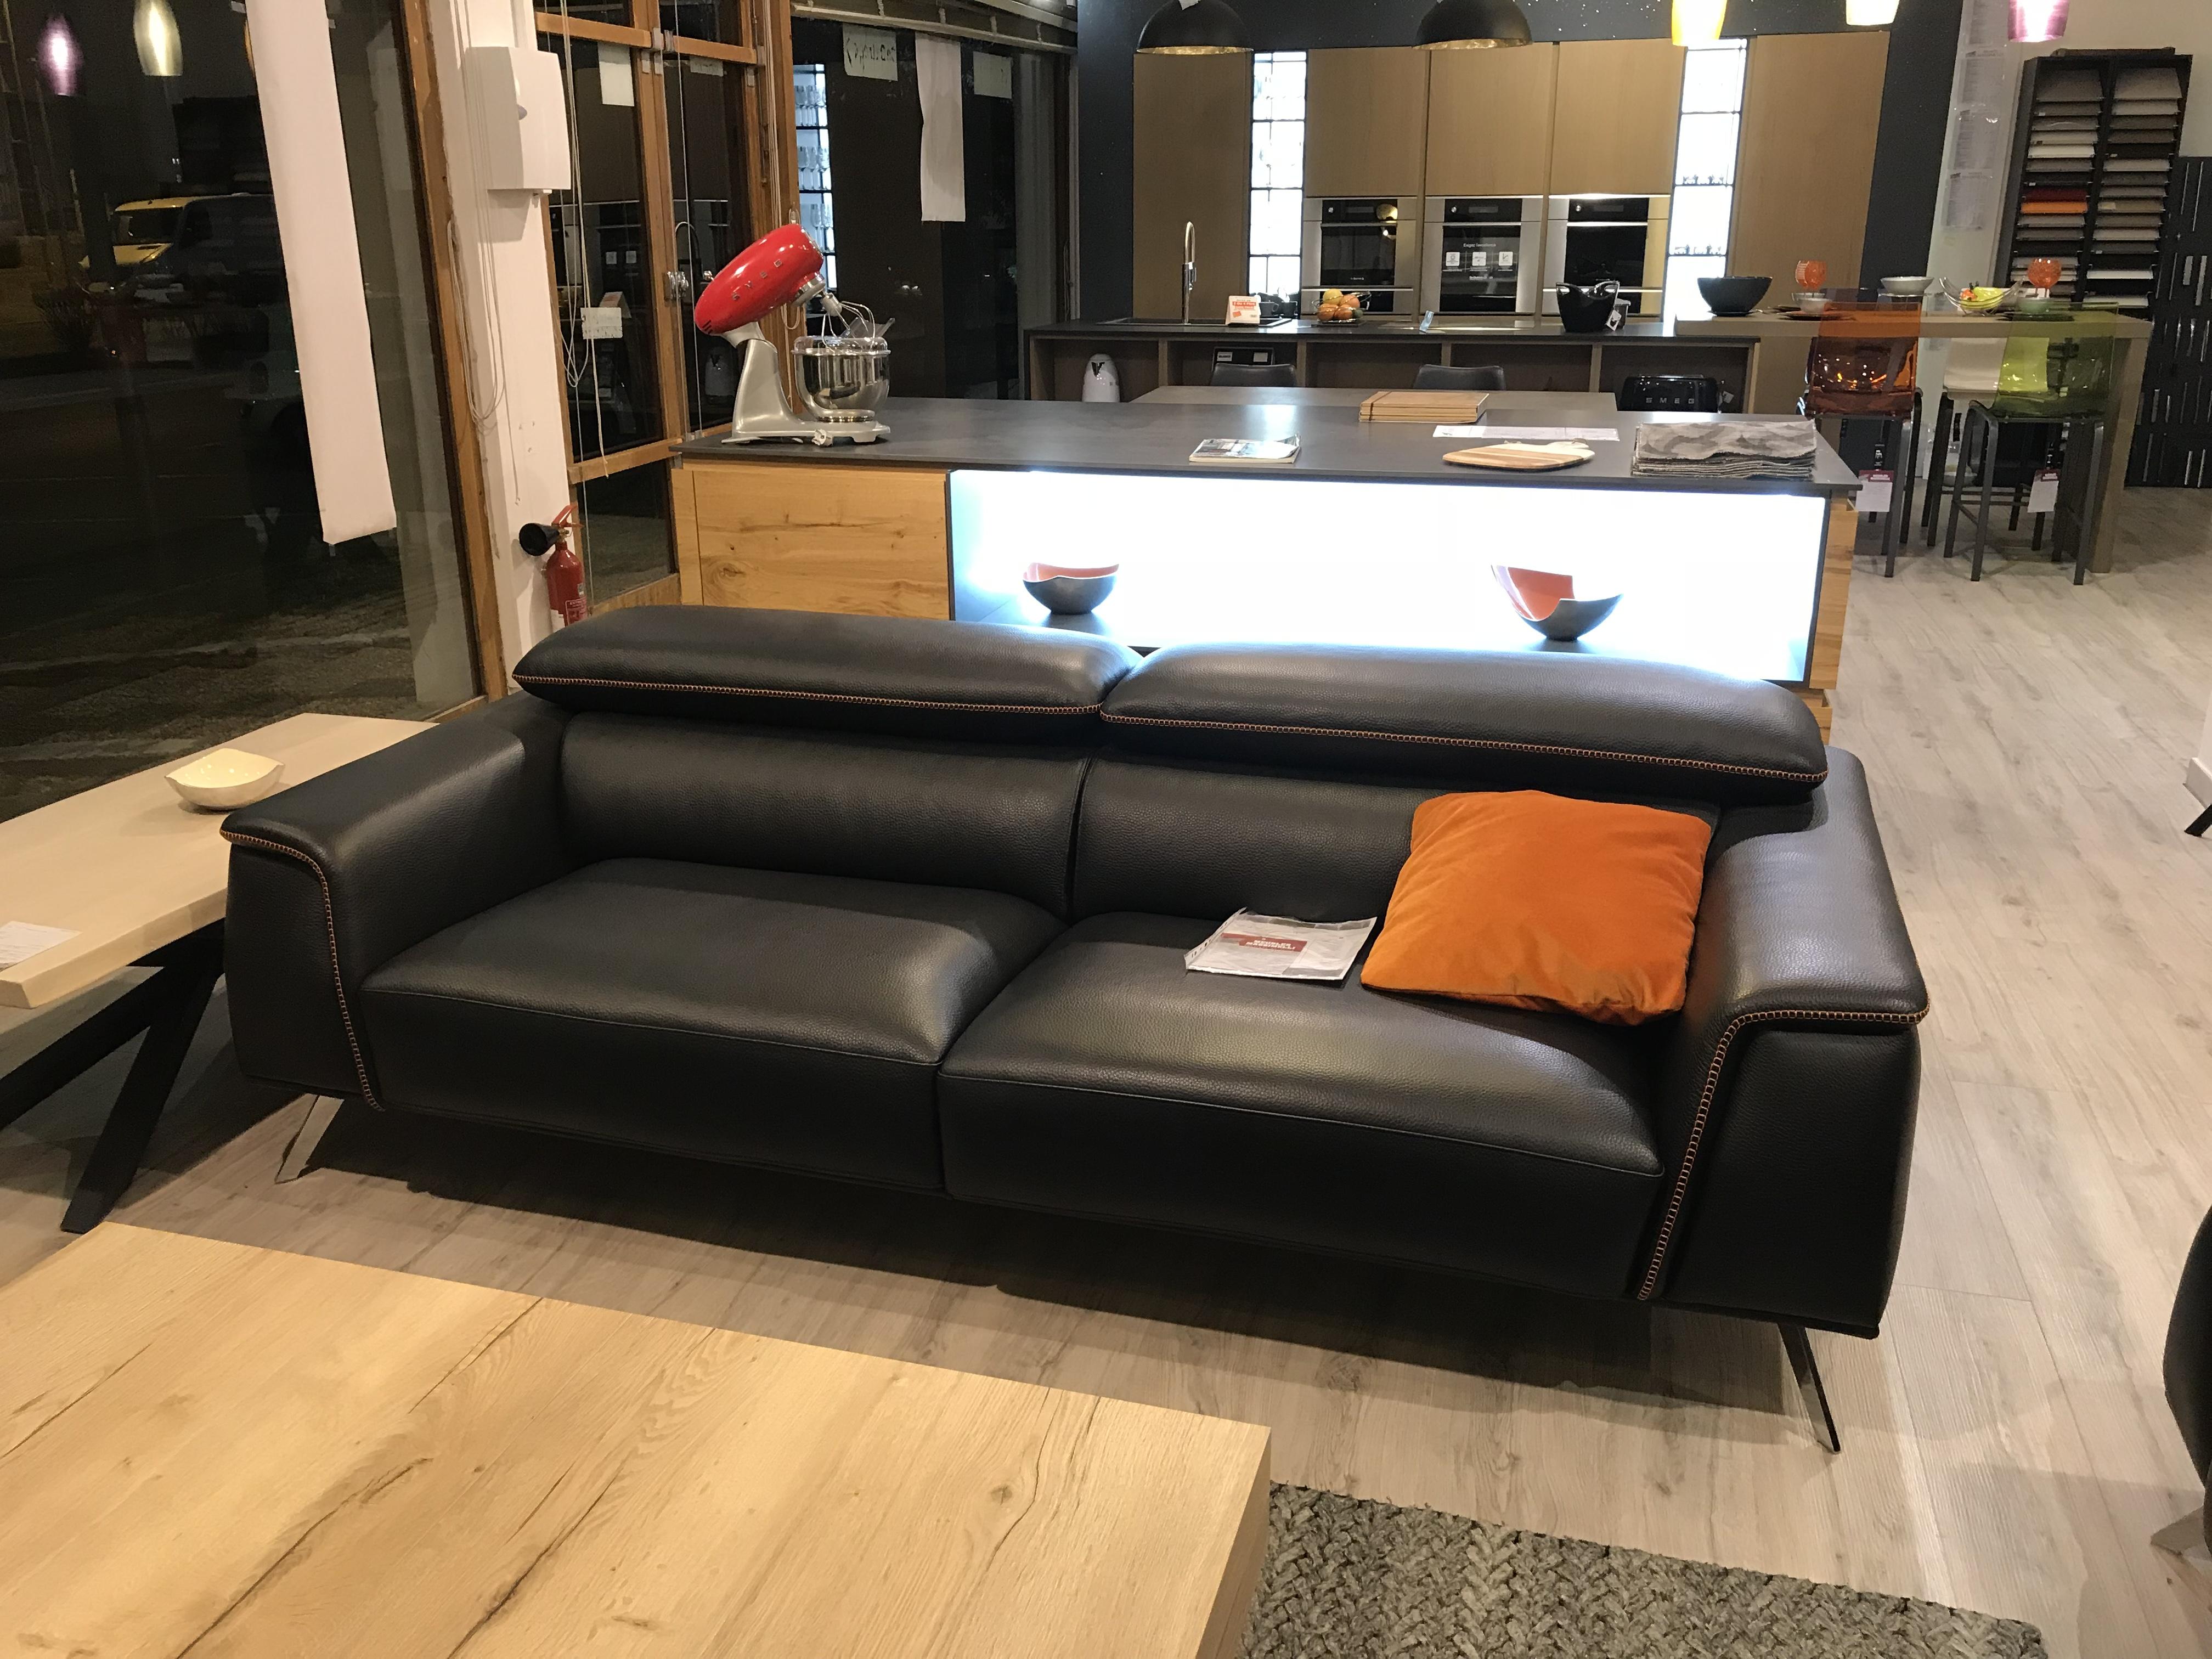 canap aston de bontempi divani la qualit le design et le confort made in italie. Black Bedroom Furniture Sets. Home Design Ideas